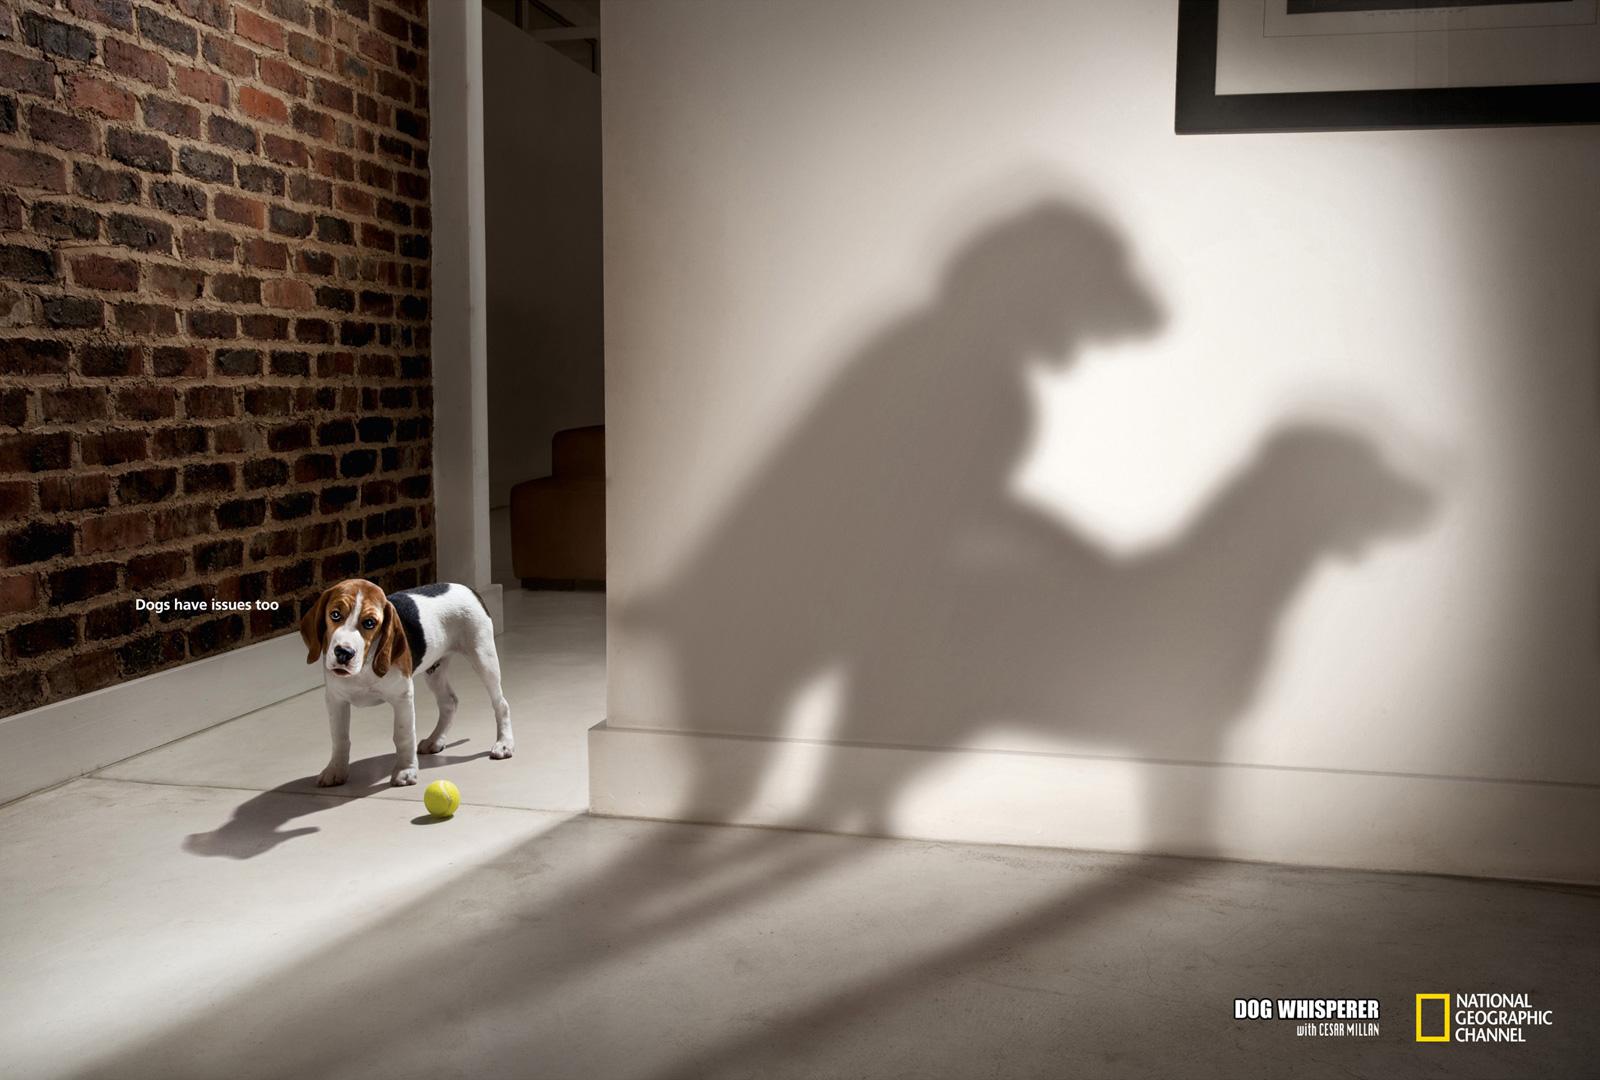 national geographic dog whisperer